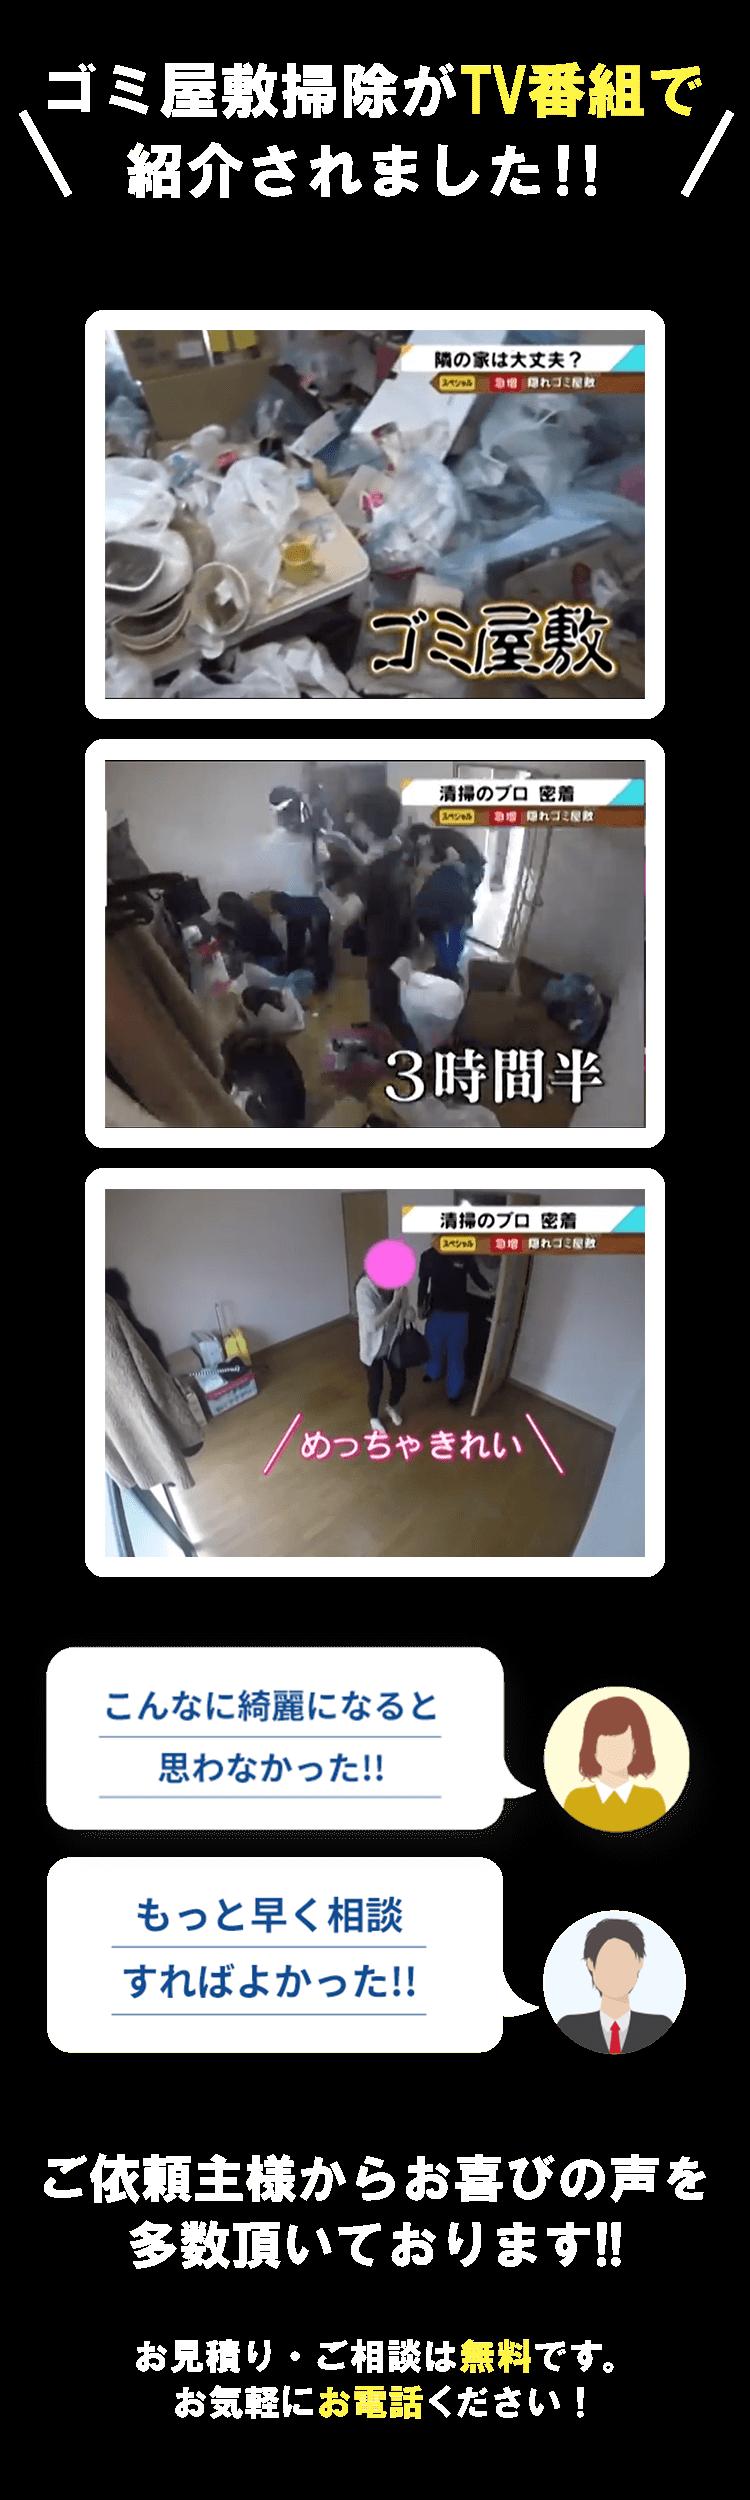 ゴミ屋敷掃除がTV番組で紹介されました!!